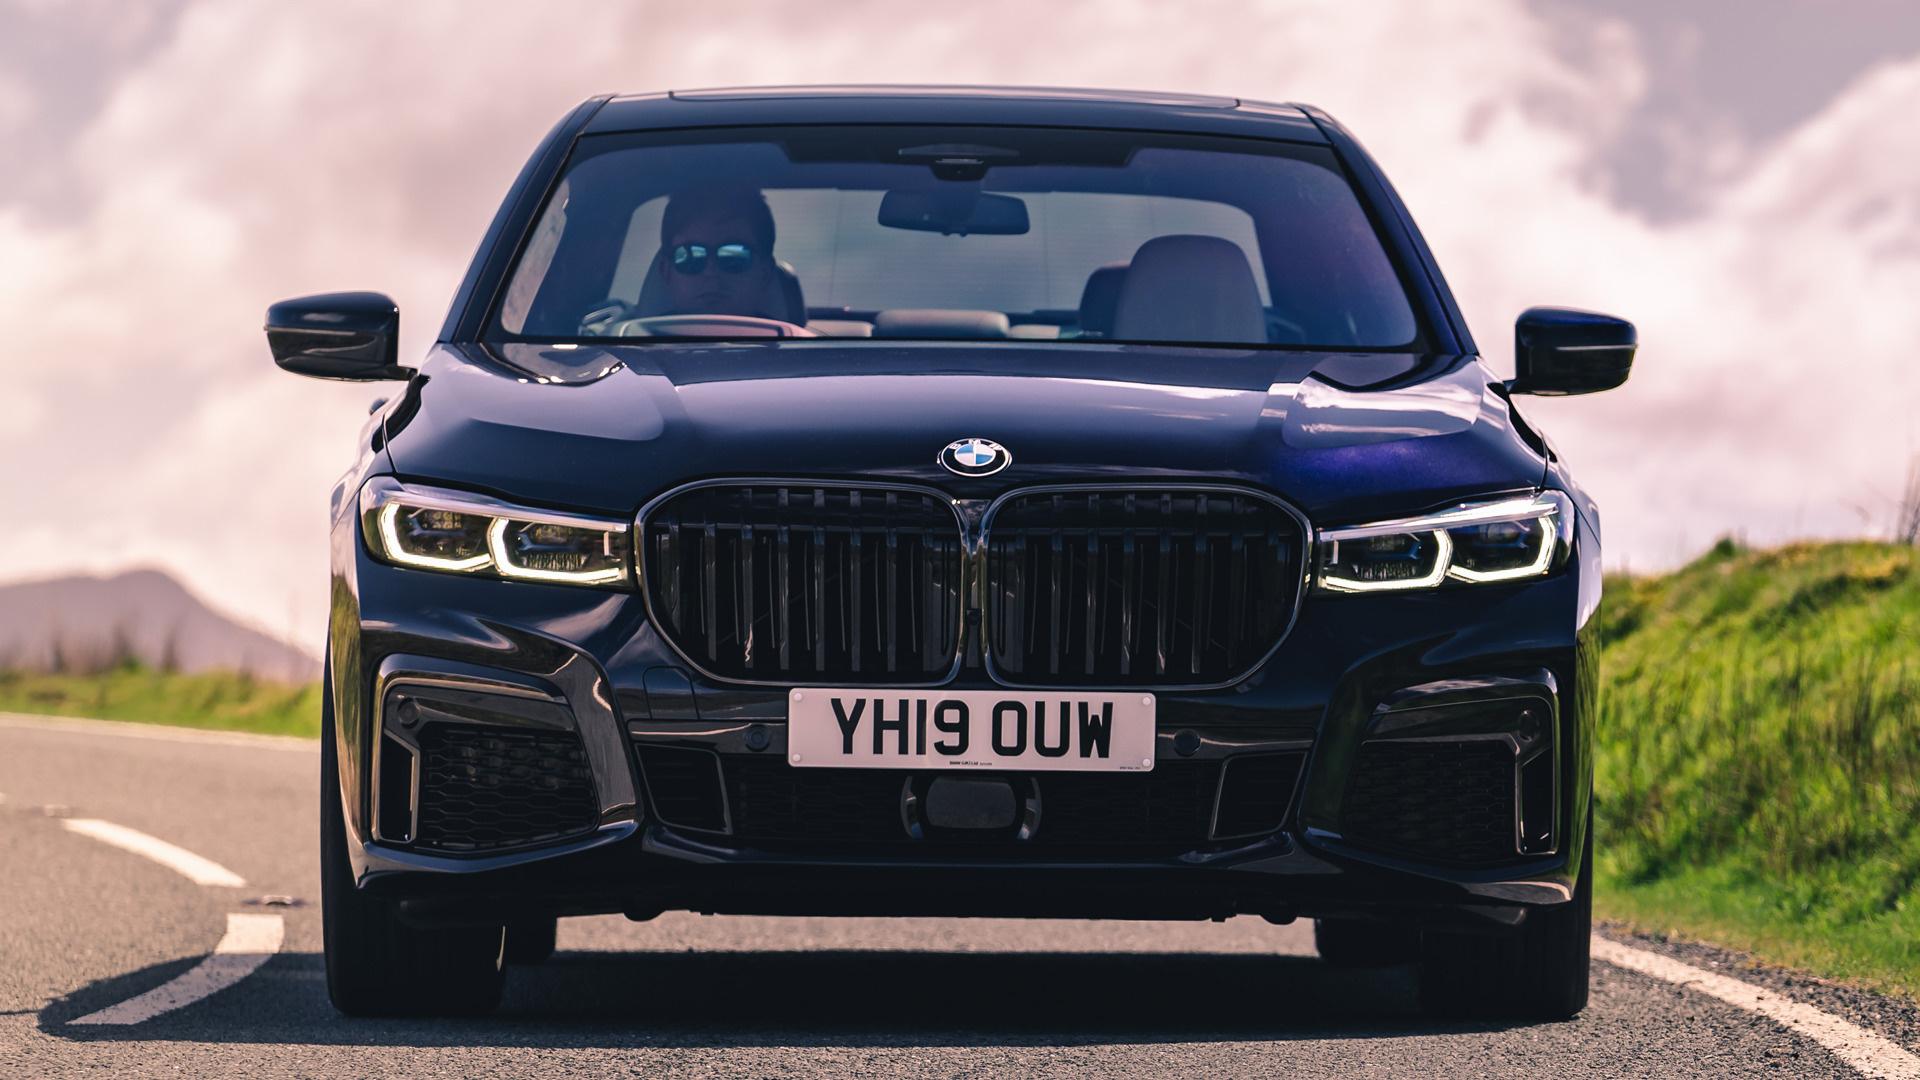 2019 BMW 7 Series M Sport (UK) - Fonds d'écran et images ...